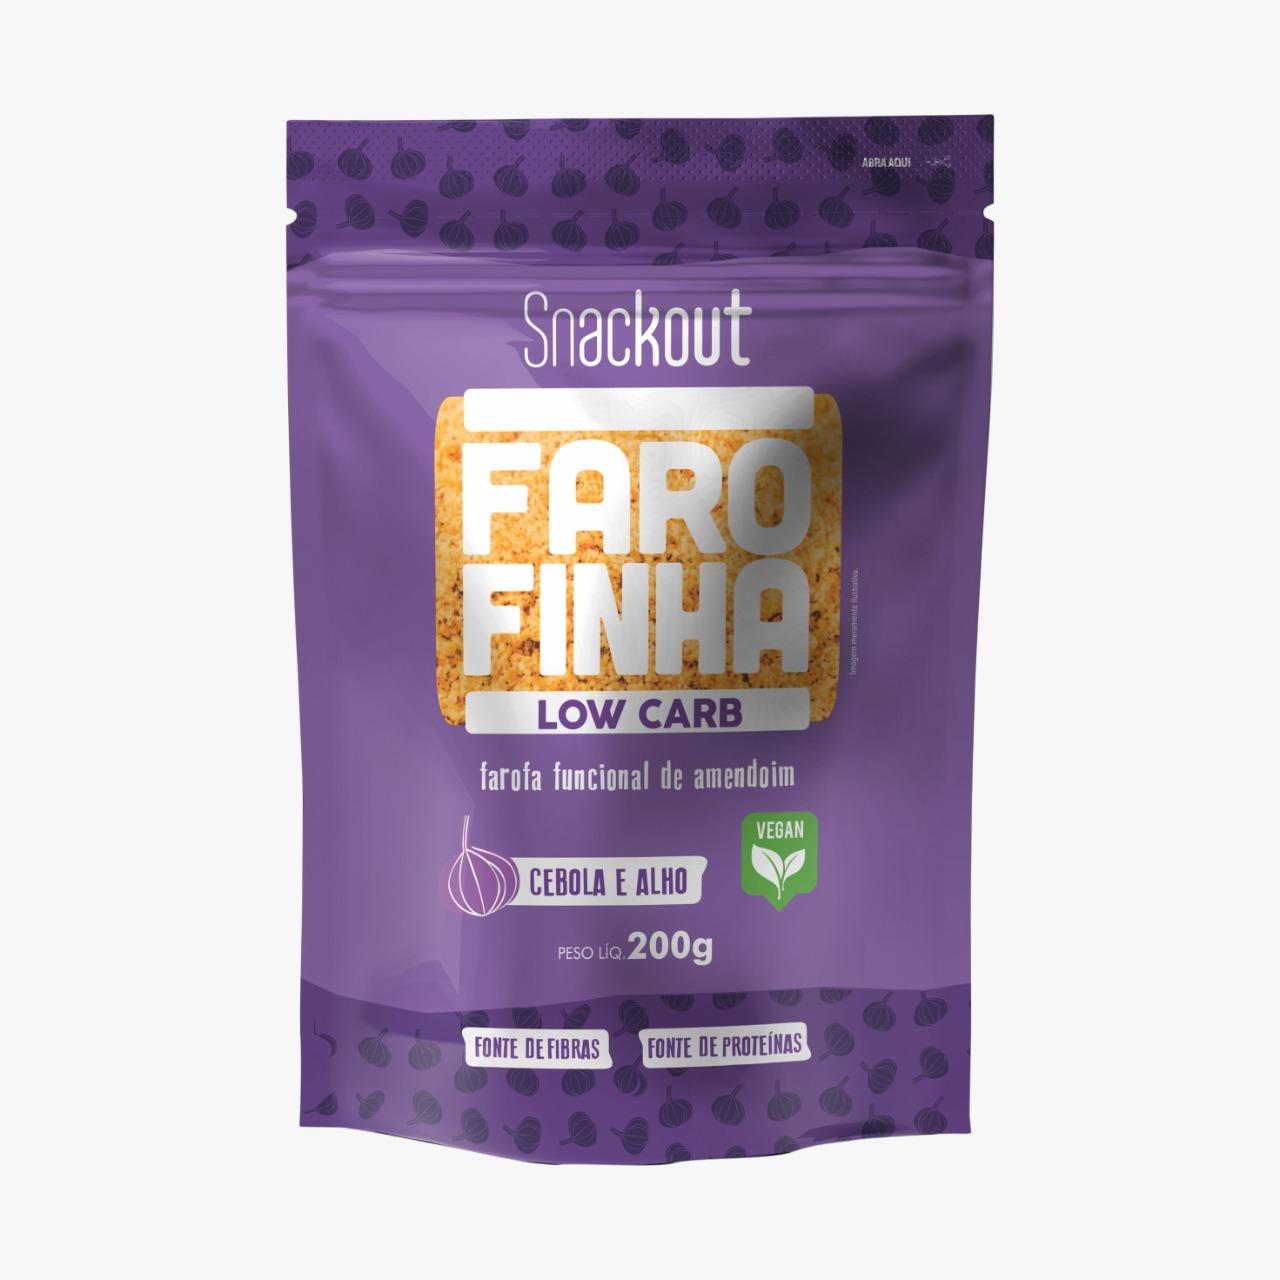 Farofa Farofinha Cebola e Alho Low Carb (200g) - Snackout